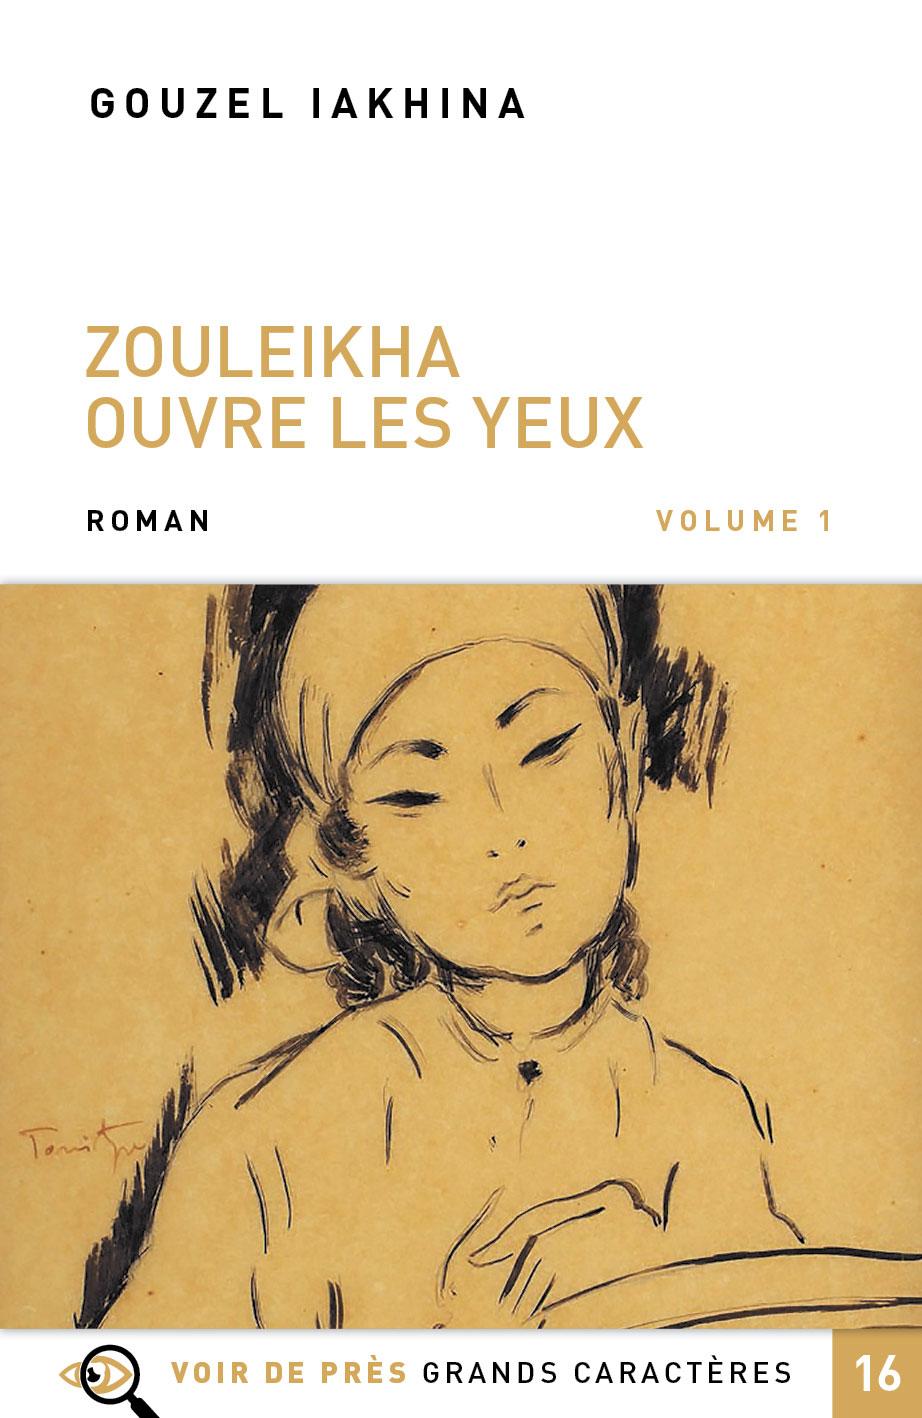 Couverture de l'ouvrage Zouleikha ouvre les yeux